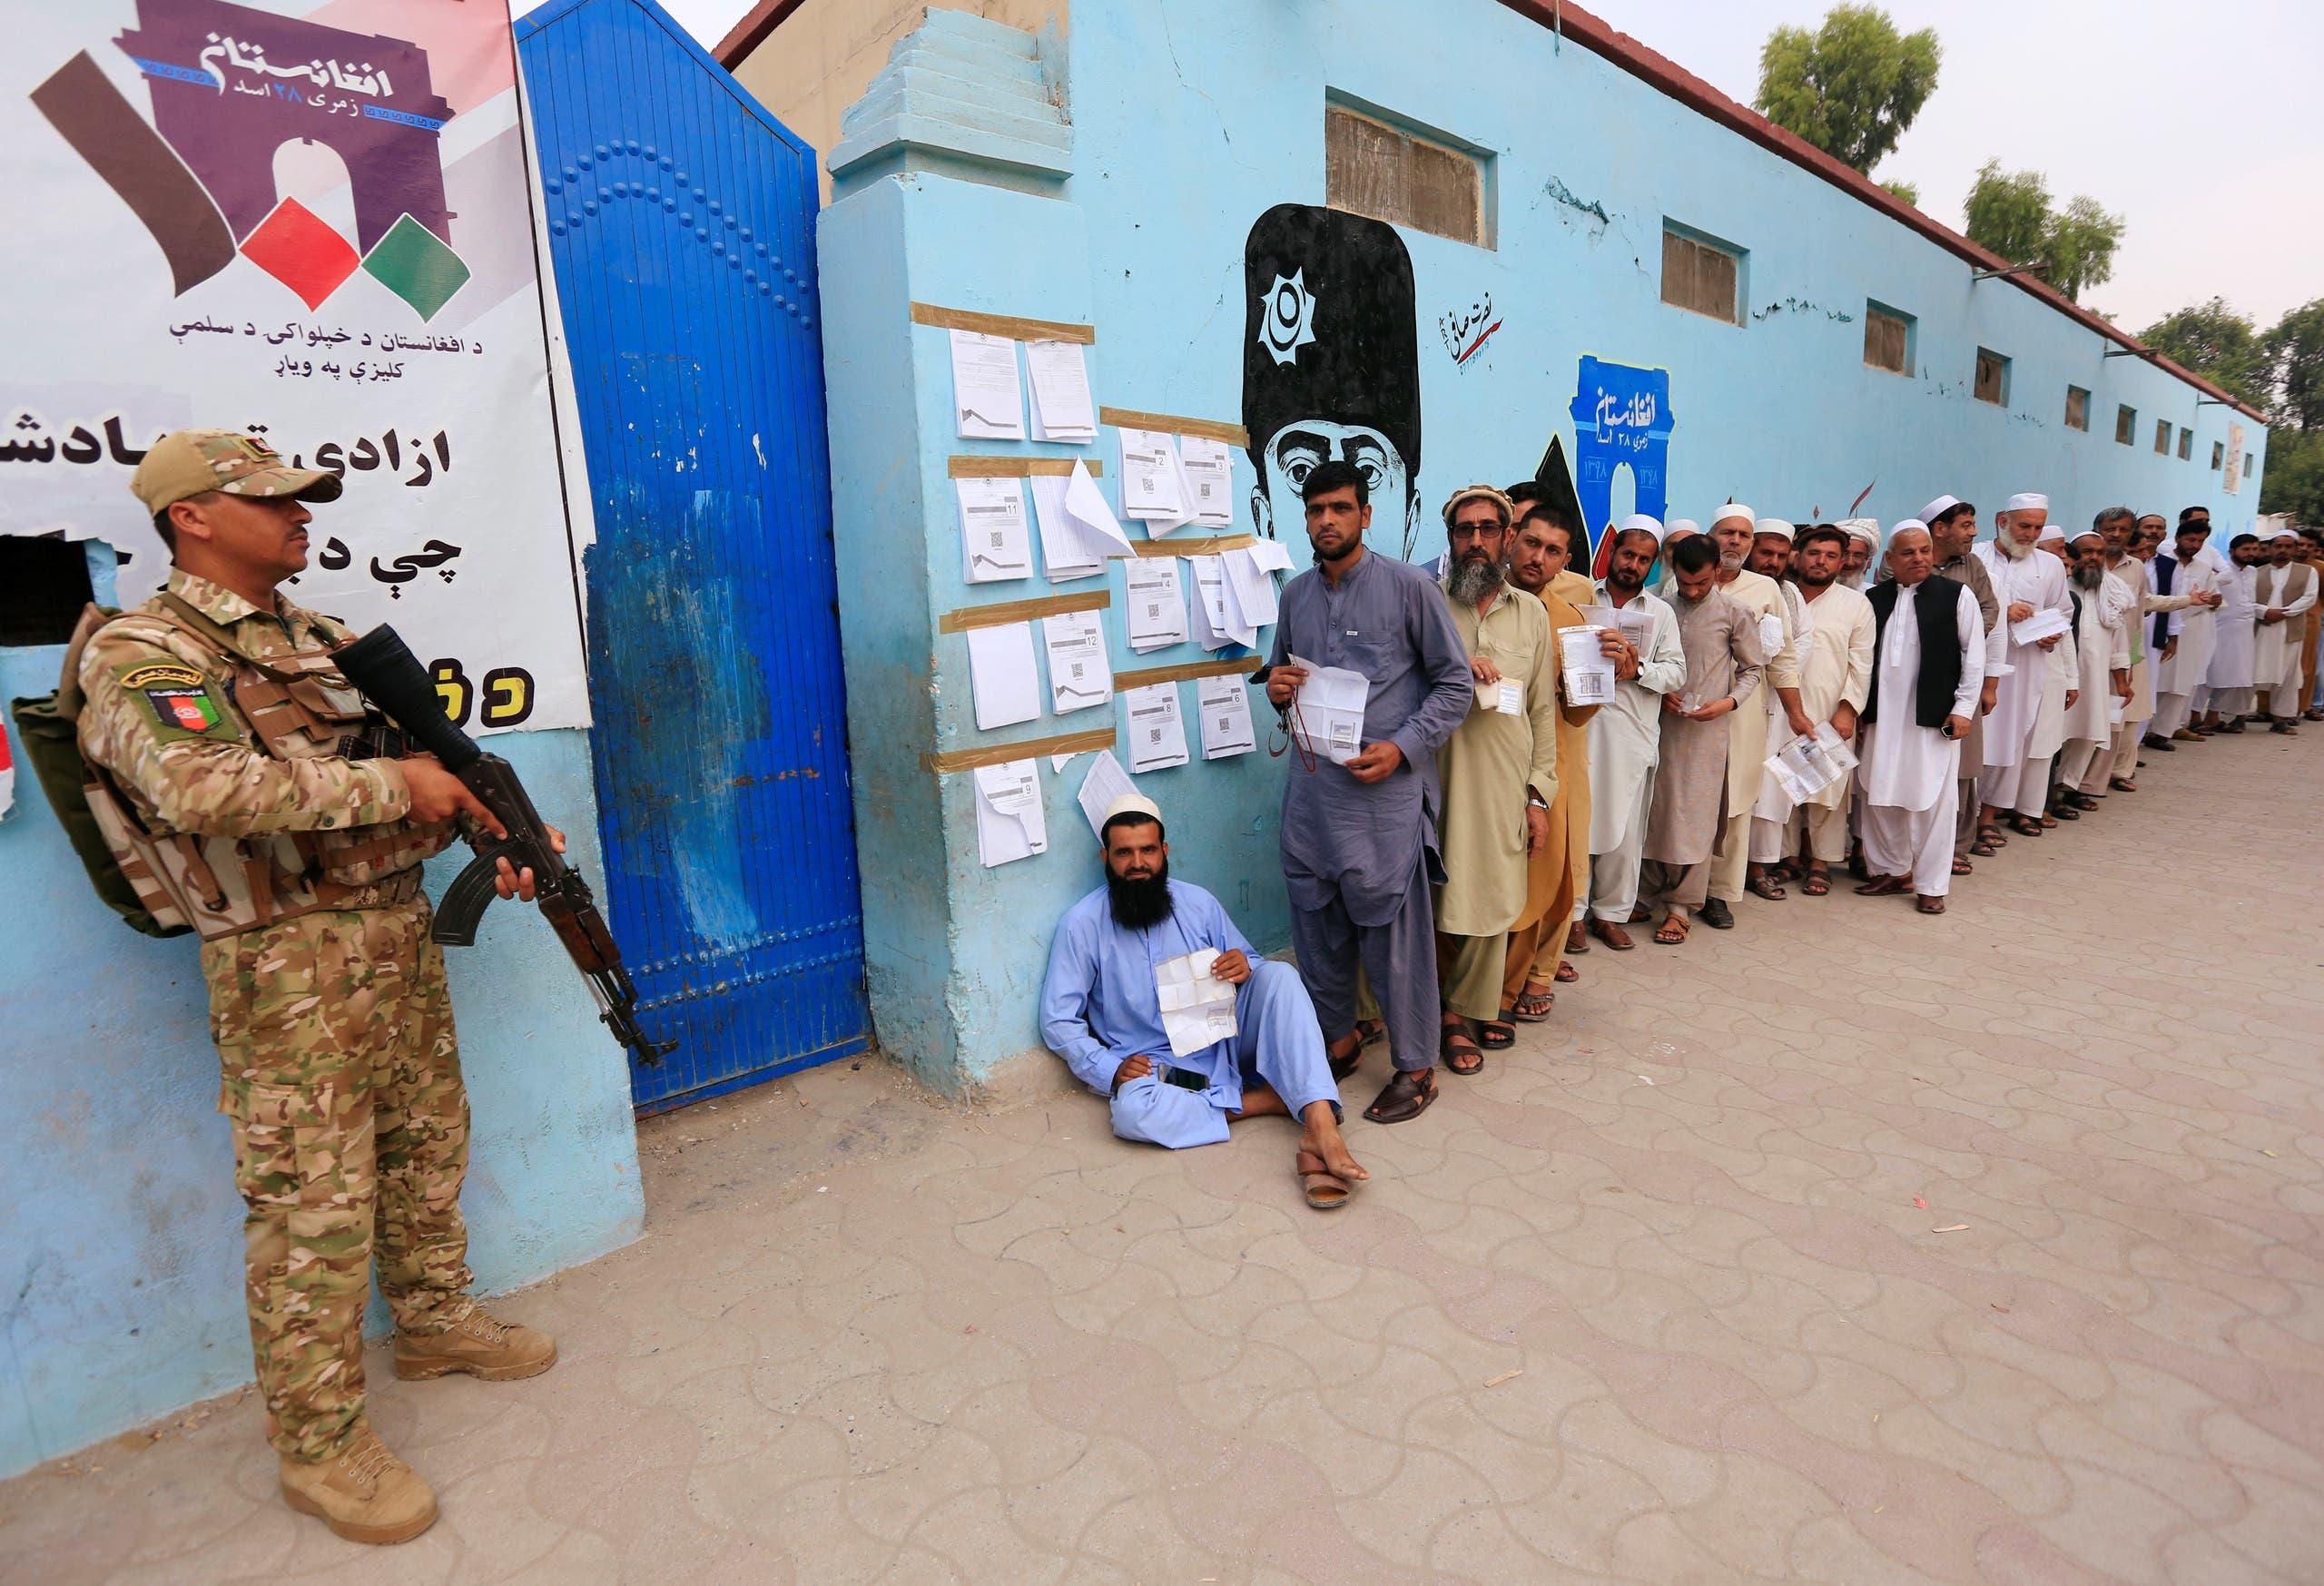 ناخبون يصطفون أمام إحدى اللجان الانتخابية للإدلاء بأصواتهم في جلال آباد